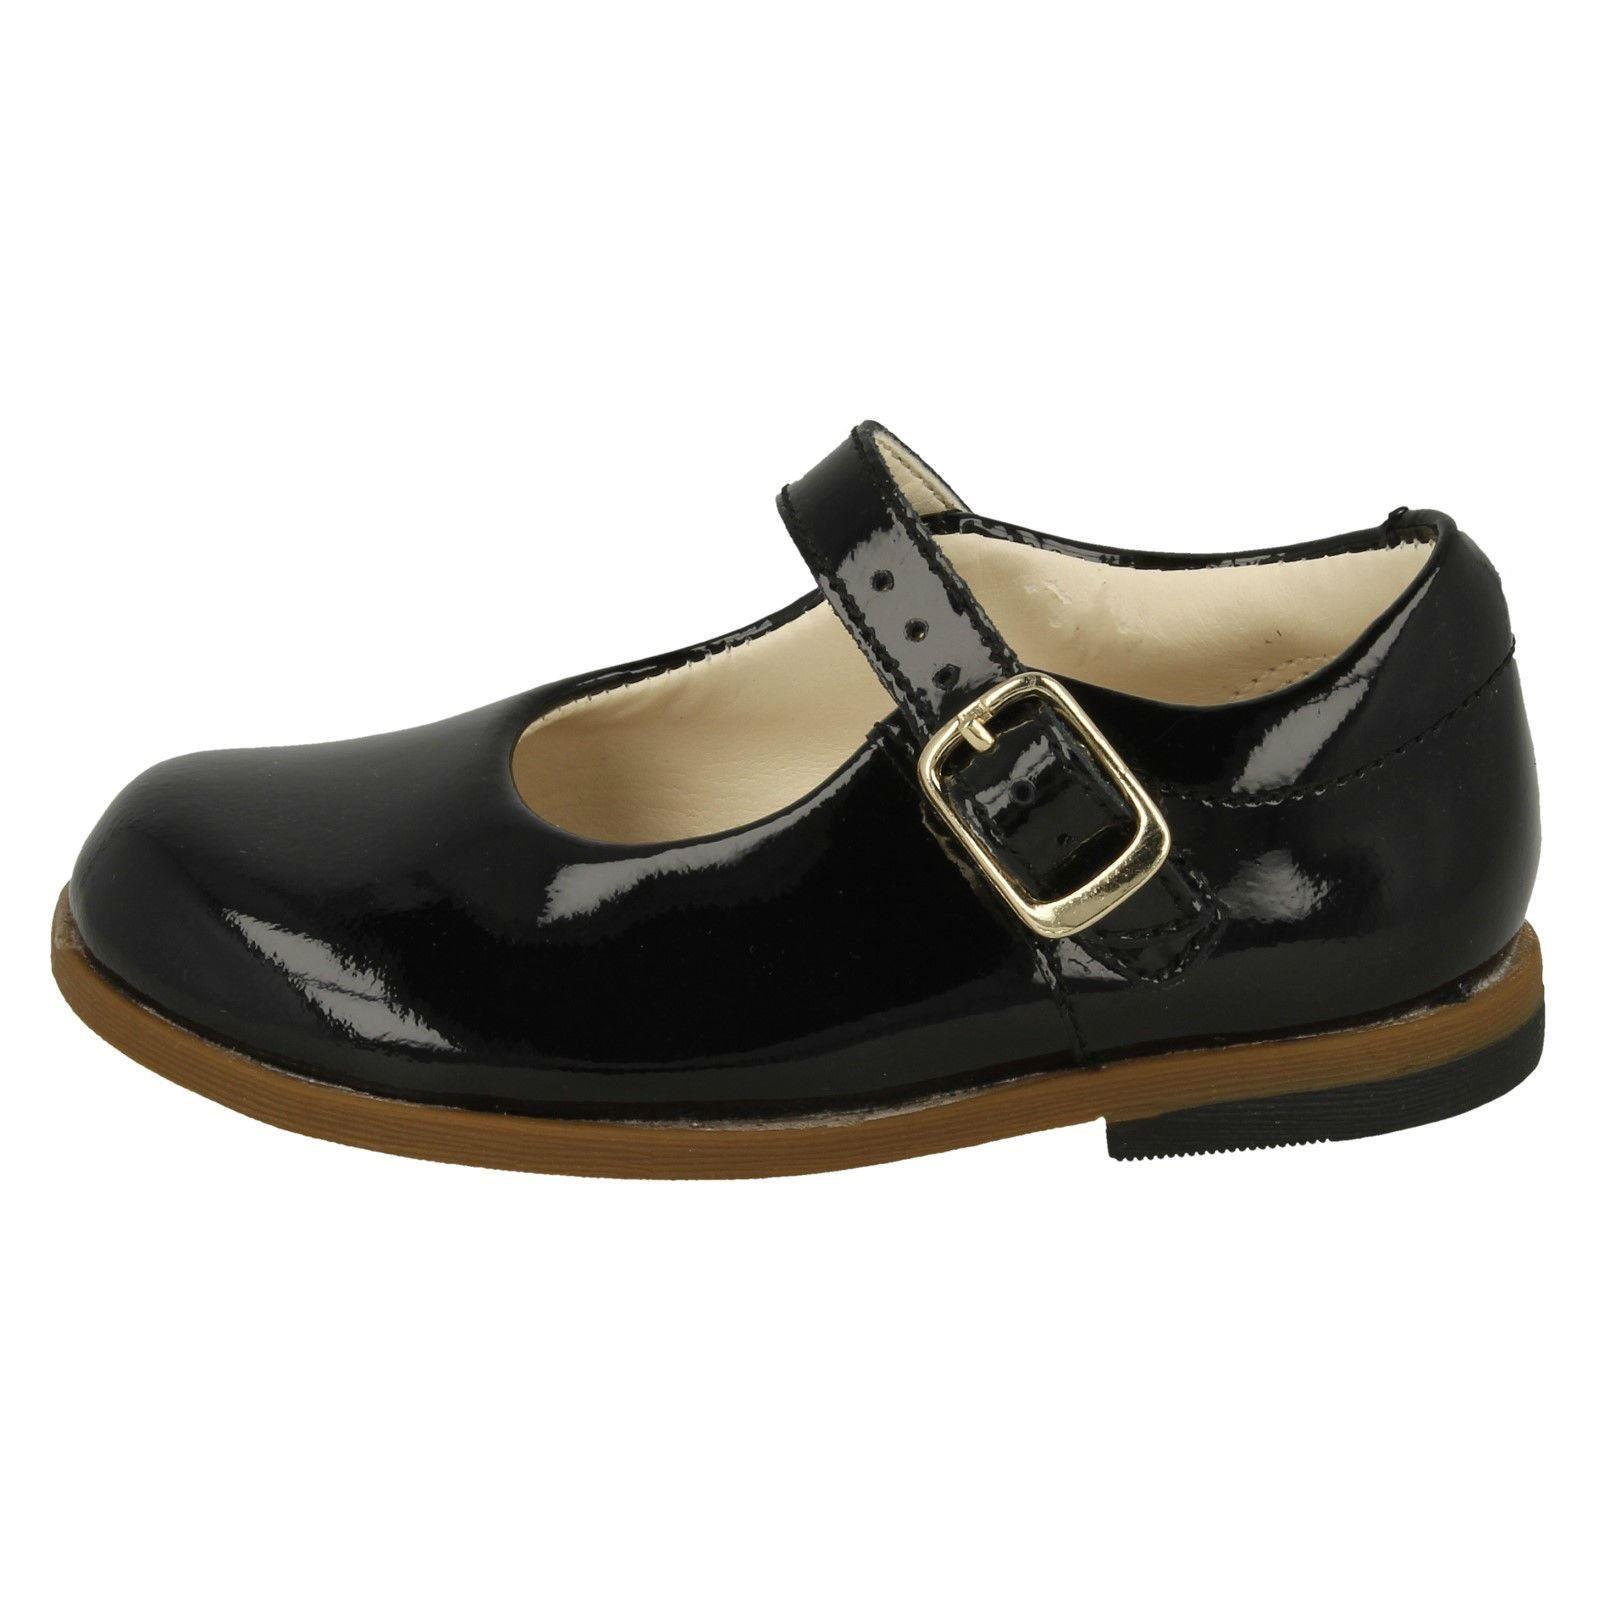 Sky Zapatos Niña Hebilla Cierre Clarks Drew De Colegio wBIw0qr